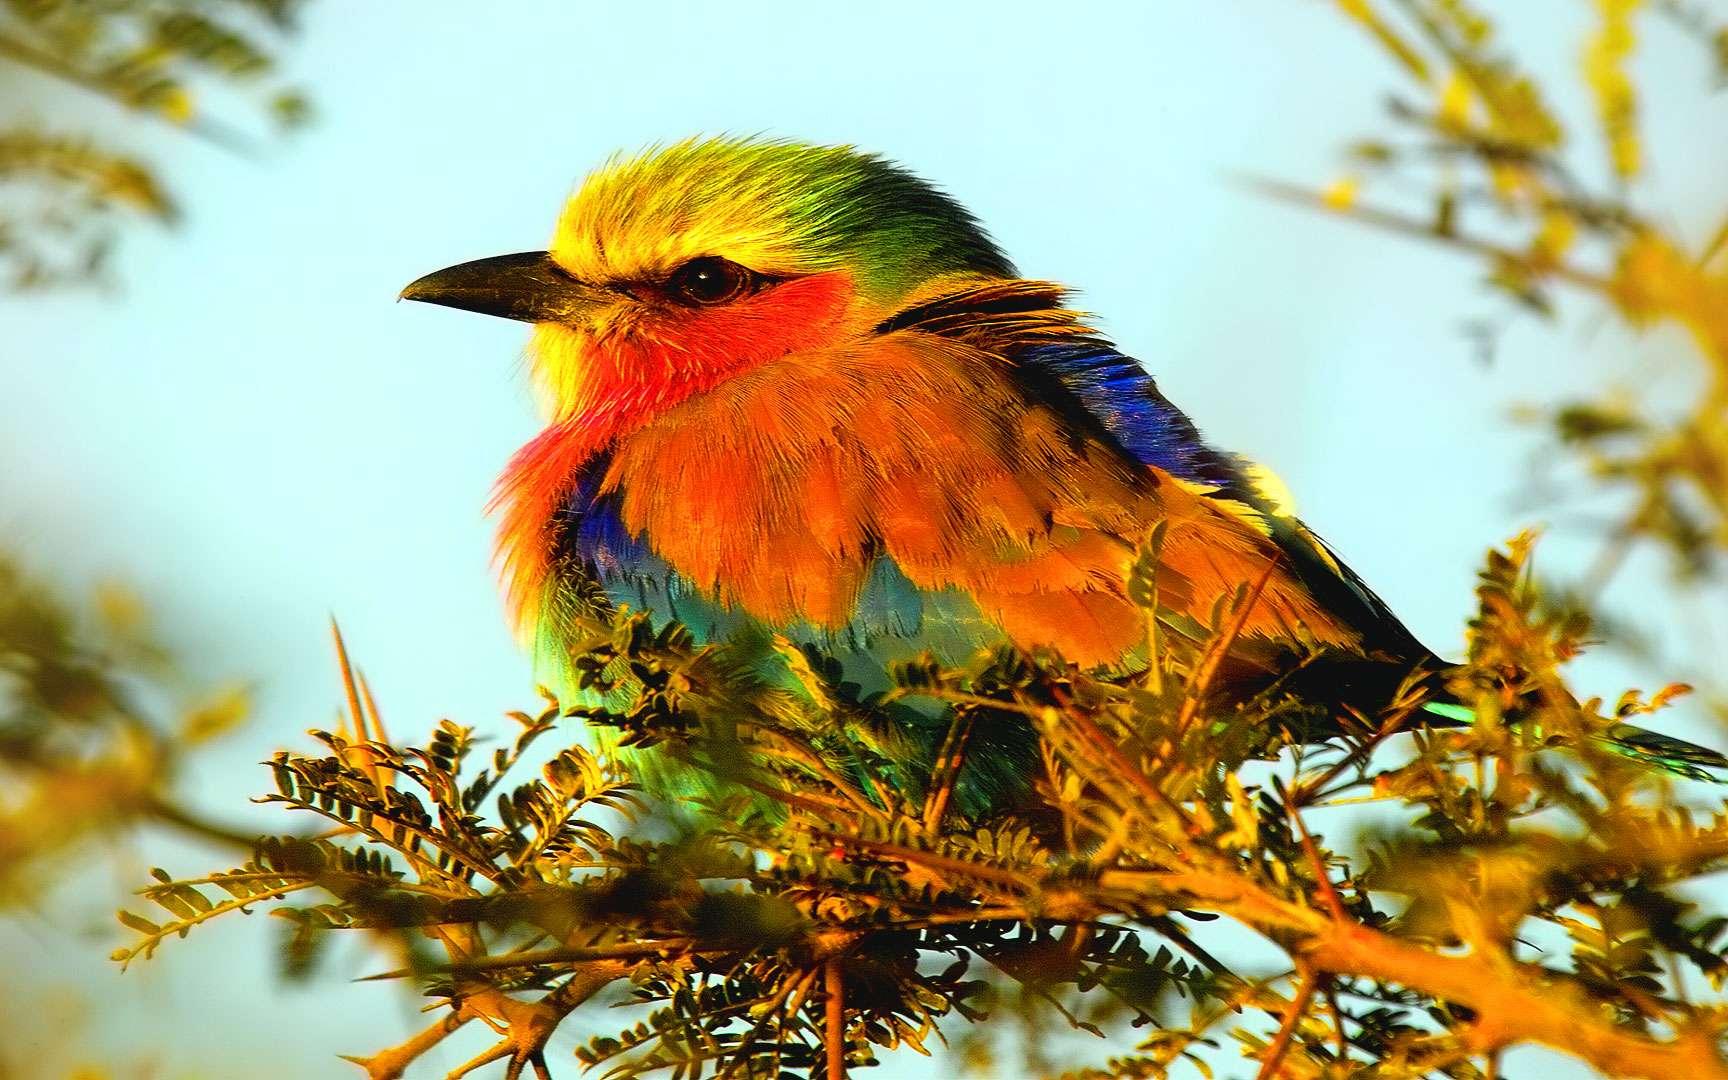 Le rollier à longs brins. Le rollier à longs brins (Coracias caudatus) est une espèce d'oiseaux vivant en Afrique subsaharienne et dans le sud de la péninsule Arabique. Cet oiseau très coloré vit seul ou en couple. Il est très agressif lorsqu'il s'agit de défendre son territoire. Alimentation : insectes © Arno Meintjes, Flickr, cc by nc sa 2.0